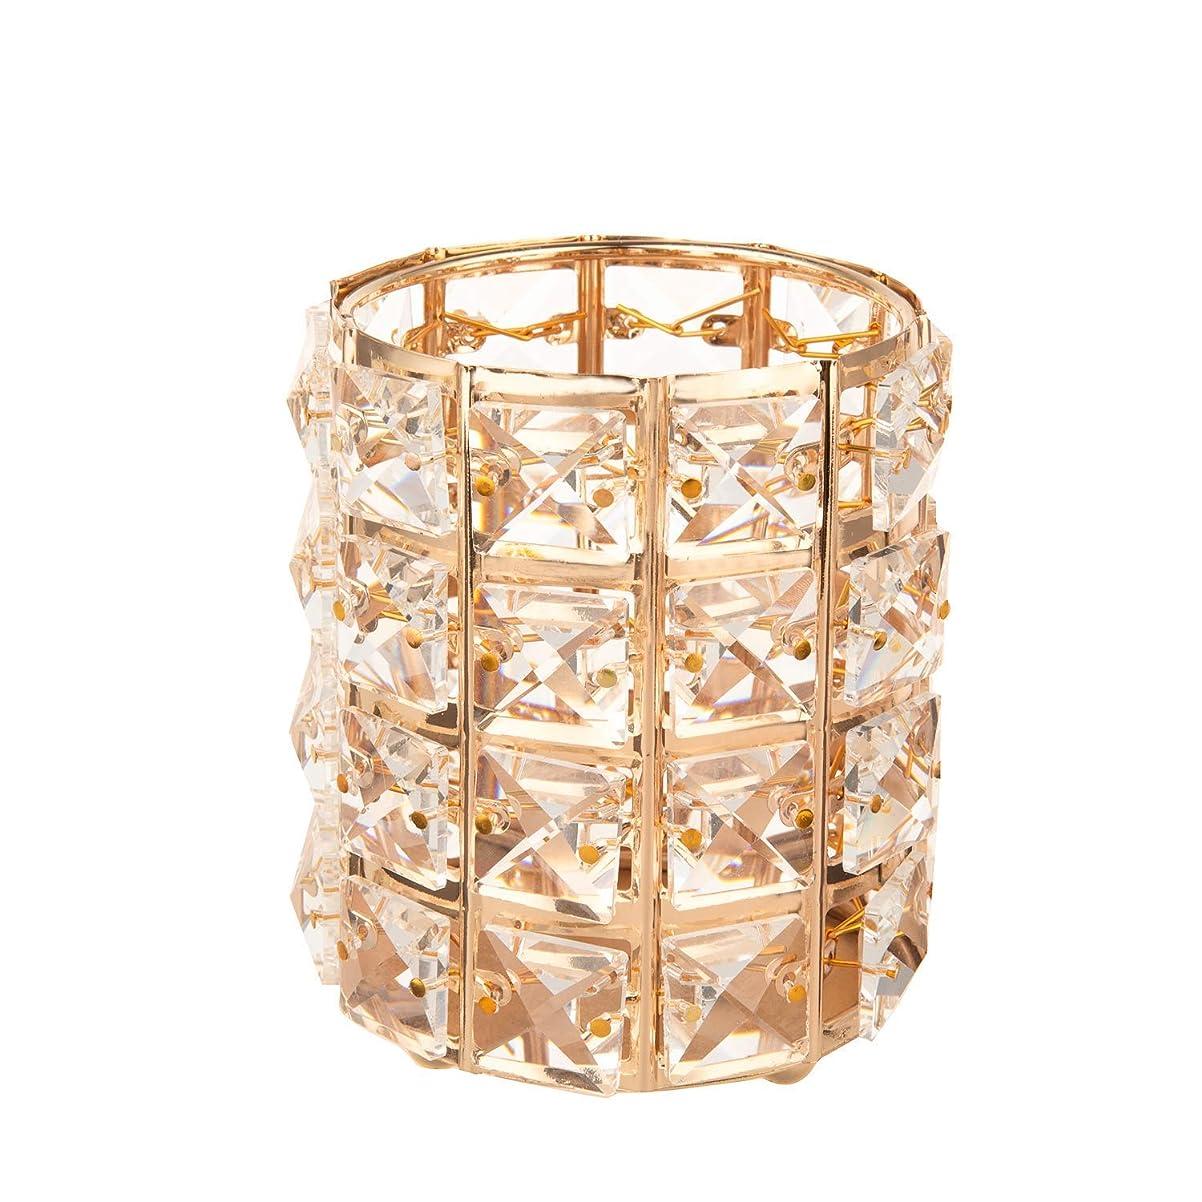 Feyarl メイクブラシケース ブラシスタンド クリスタルブラシホルダー 化粧ブラシホルダー 円筒型 ペン立て ゴールド